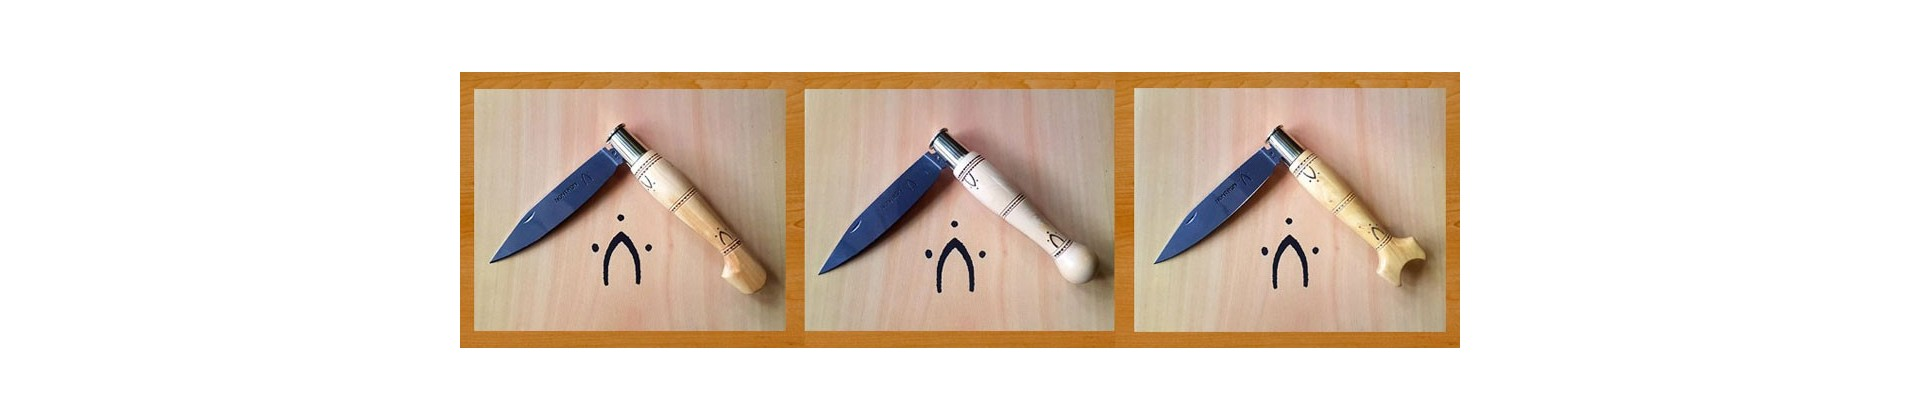 Découvrez toute la gamme de couteaux Nontron pliants